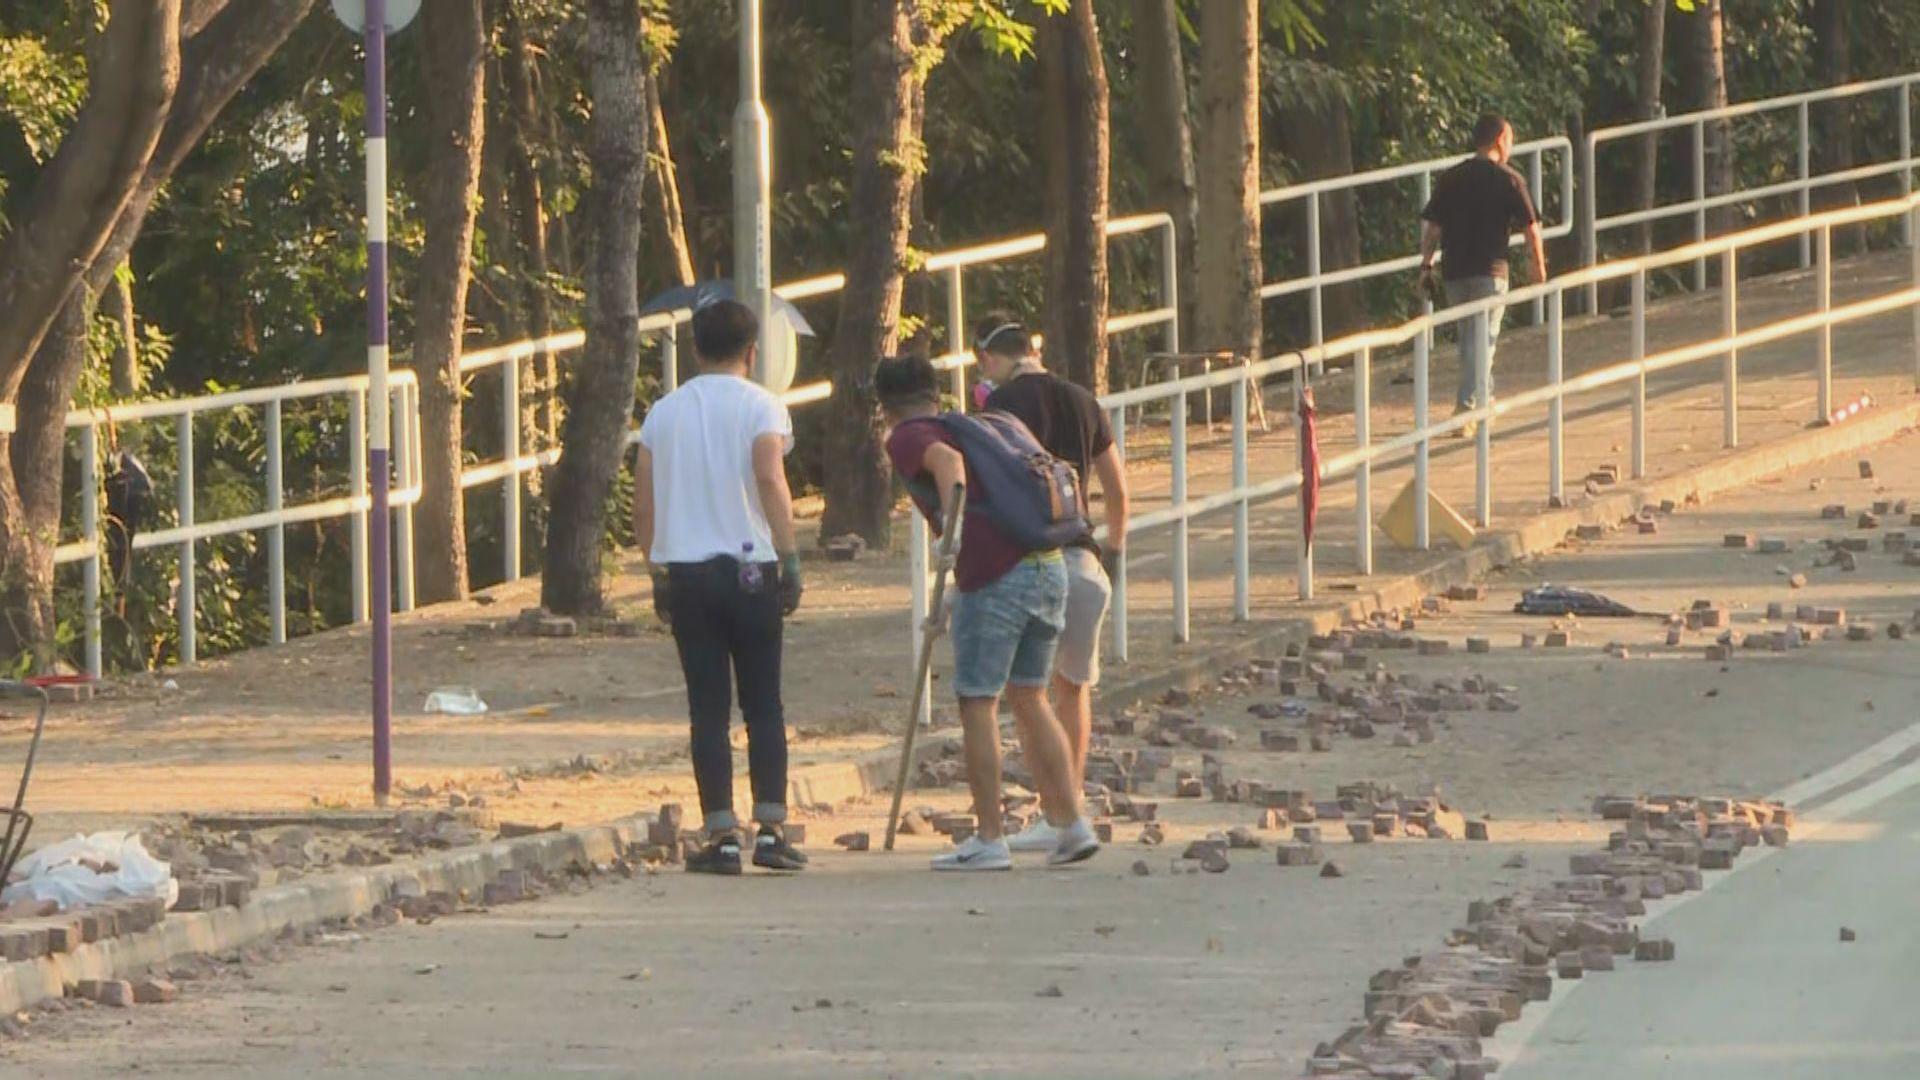 中大校方評估校園損毀程度 學生舊生助清理